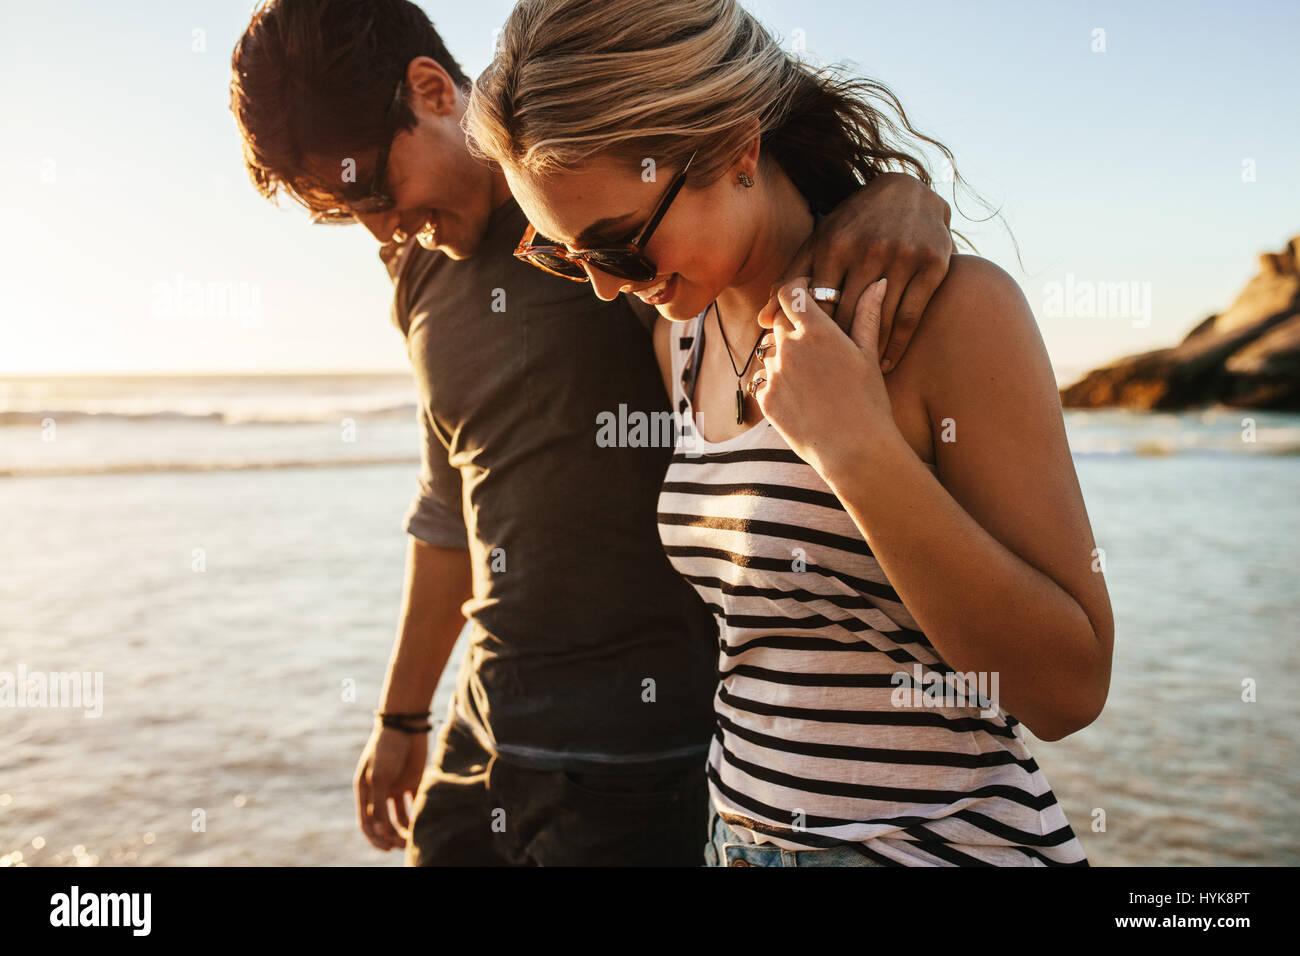 Ritratto di felice coppia giovane camminando sulla riva del mare. L uomo e la donna sulla spiaggia vacanza. Immagini Stock